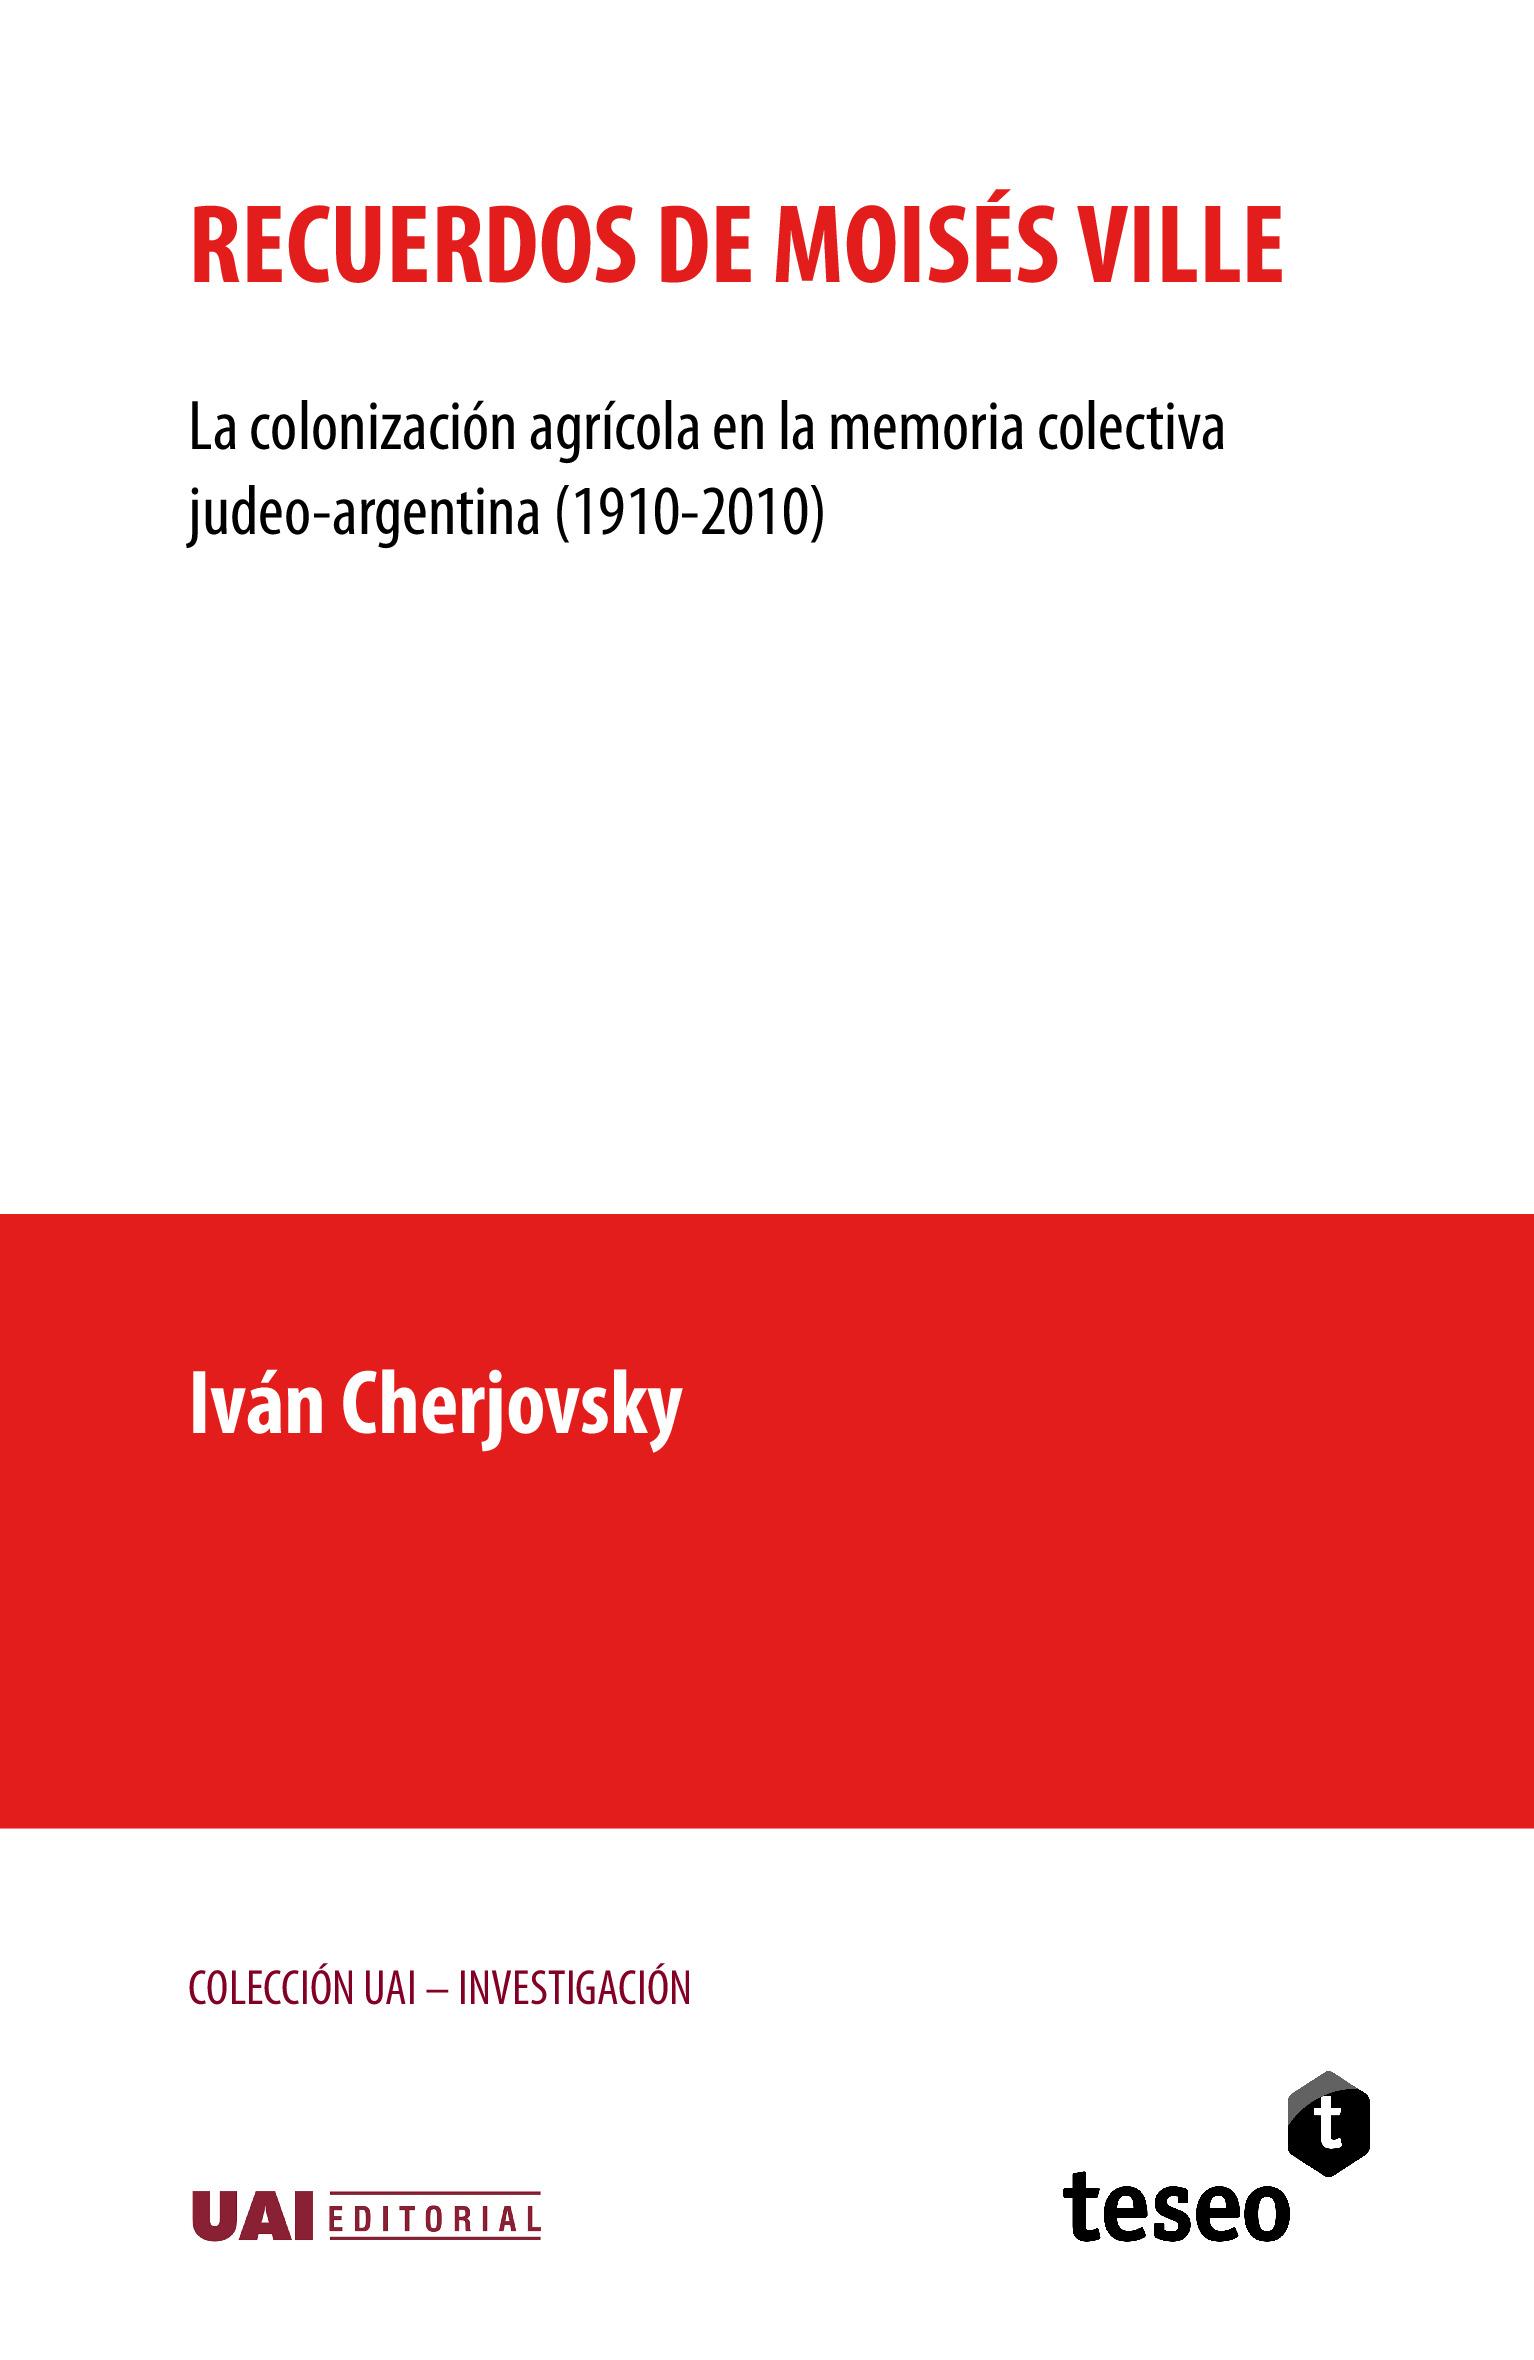 Recuerdos de Moisés Ville: La colonización agrícola en la memoria colectiva judeo-argenitna (1910-2010)